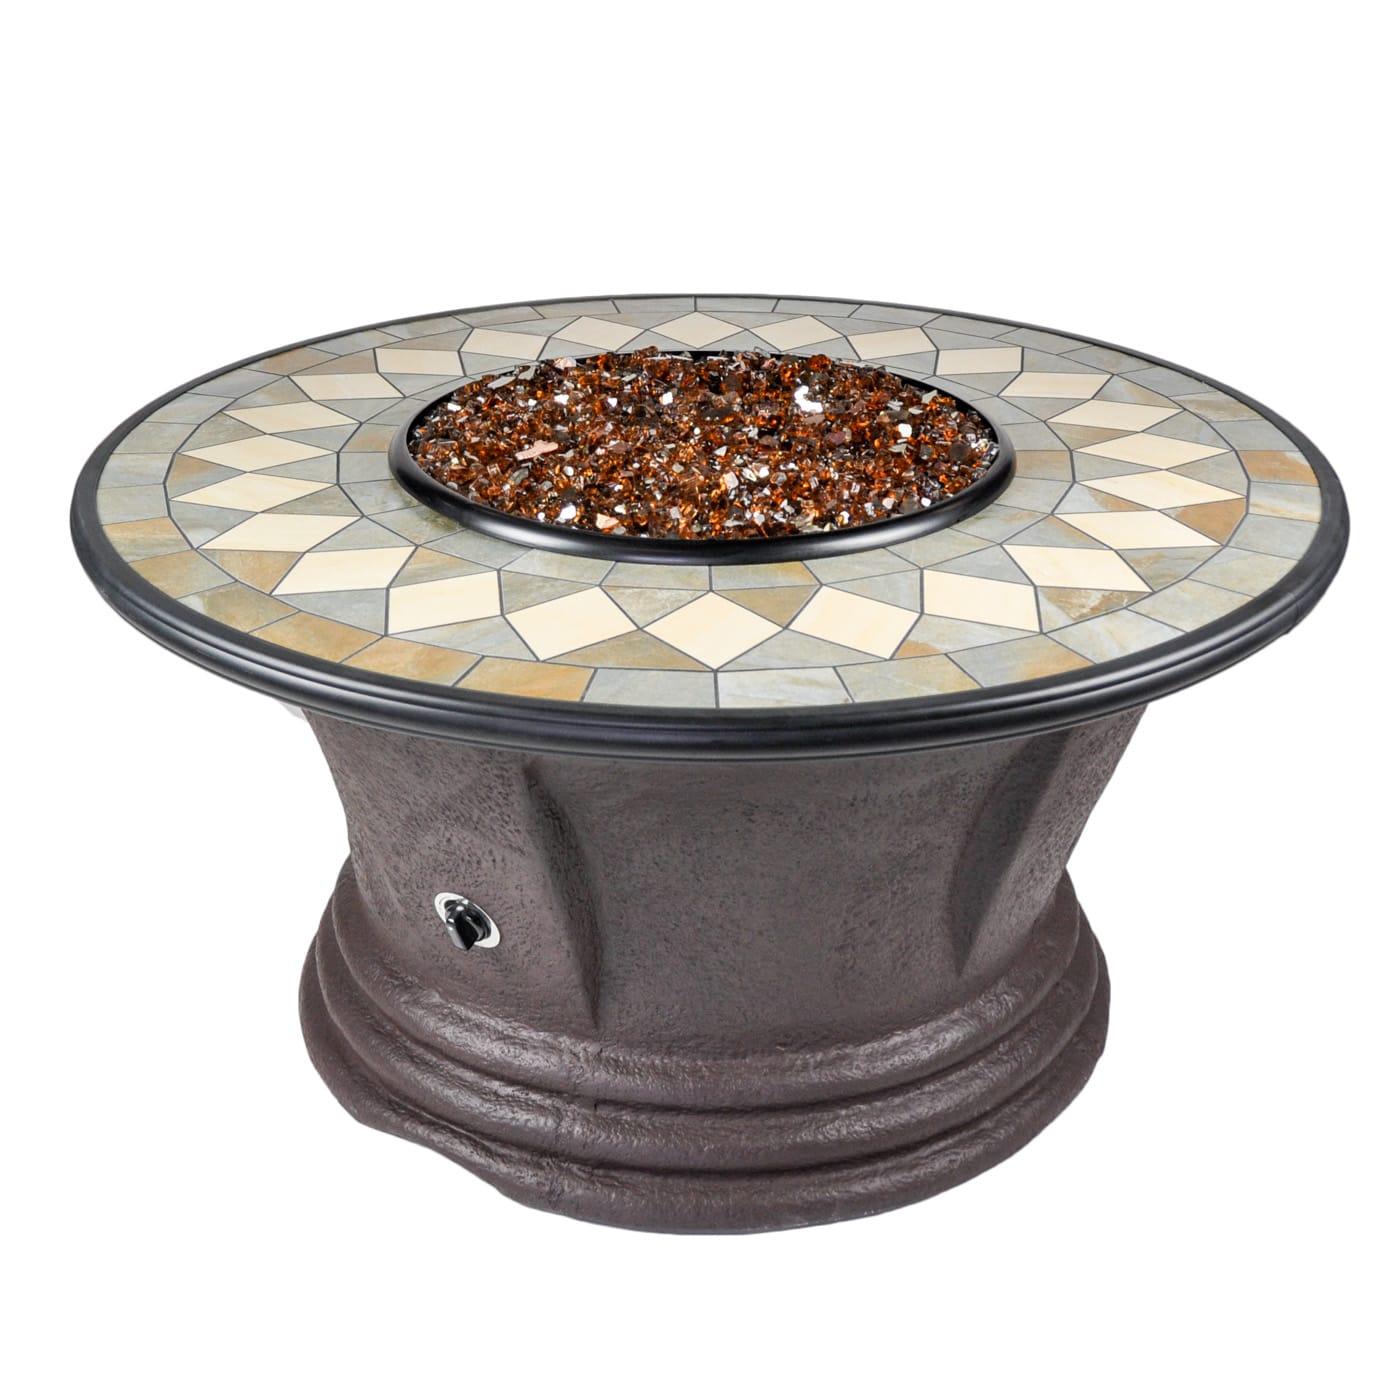 - Cast World - Tretco Havana I 48 Inch Fire Pit Table #FP-C-HAV-48-1